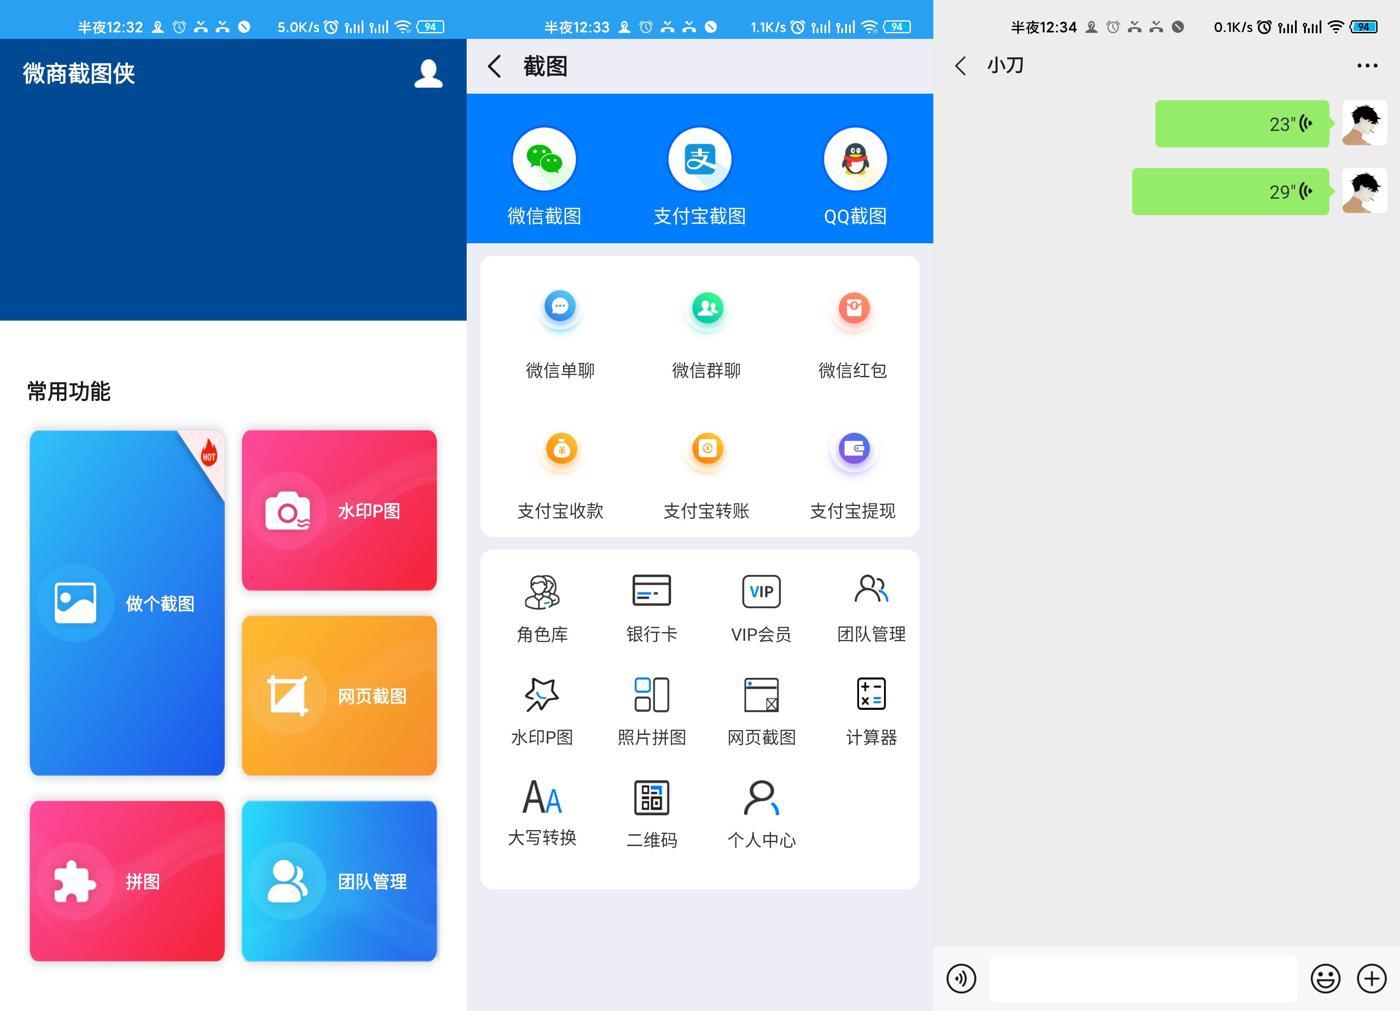 安卓微商截图侠v2.1.9绿化版